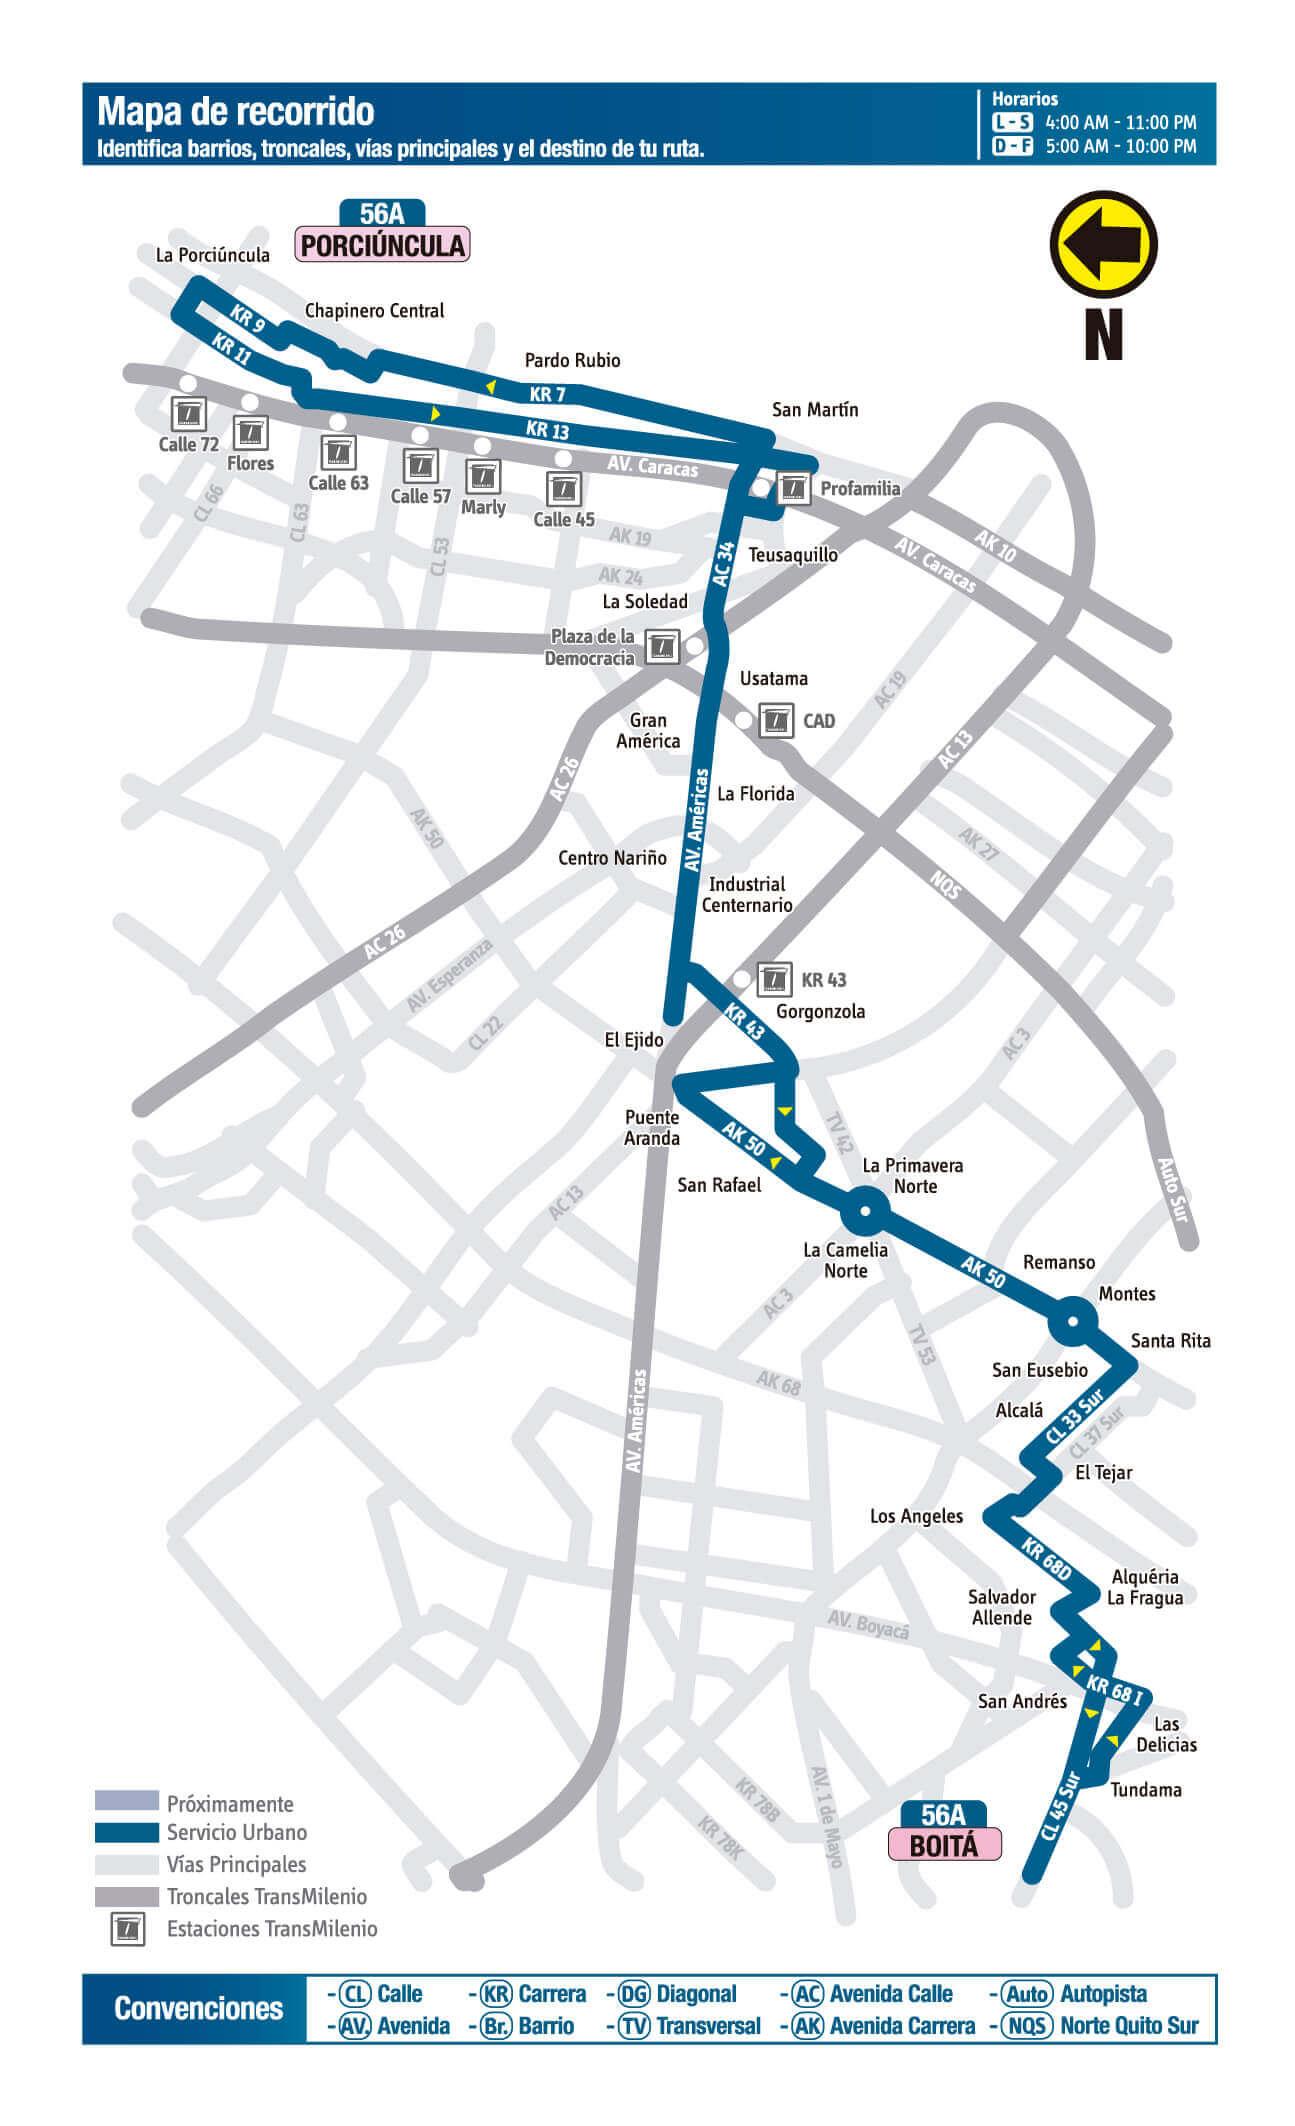 mapa de la ruta 56A Sitp